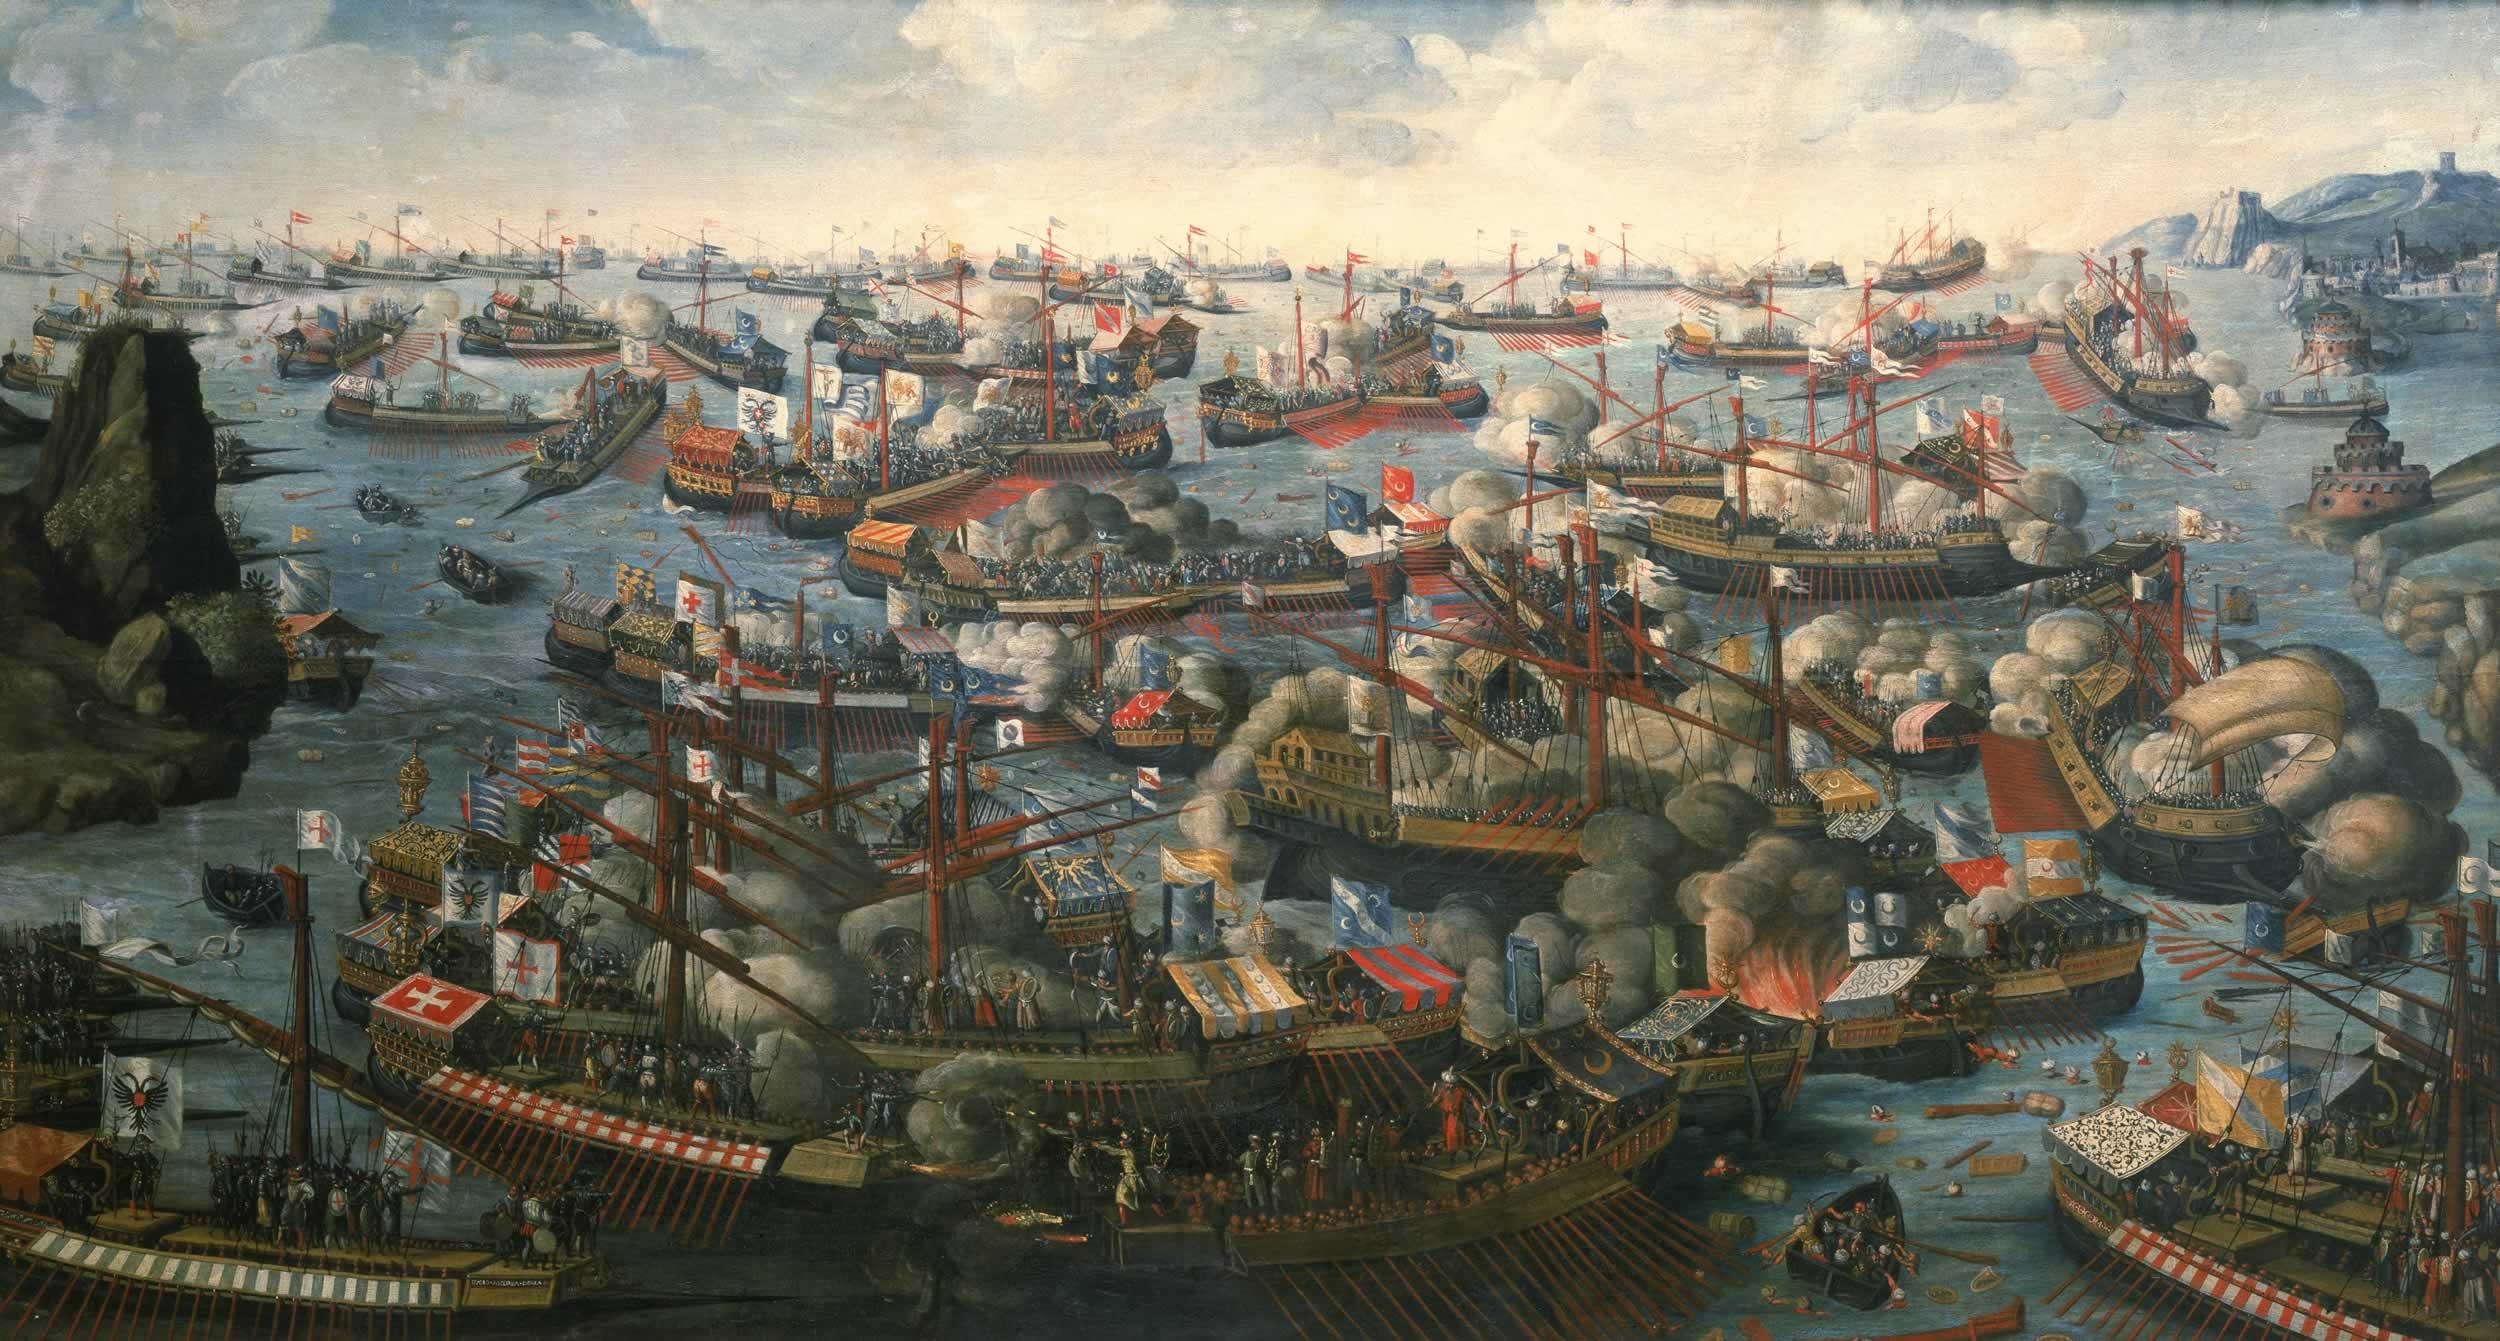 Битва при Лепанто в 1571 году (картина неизвестного художника).